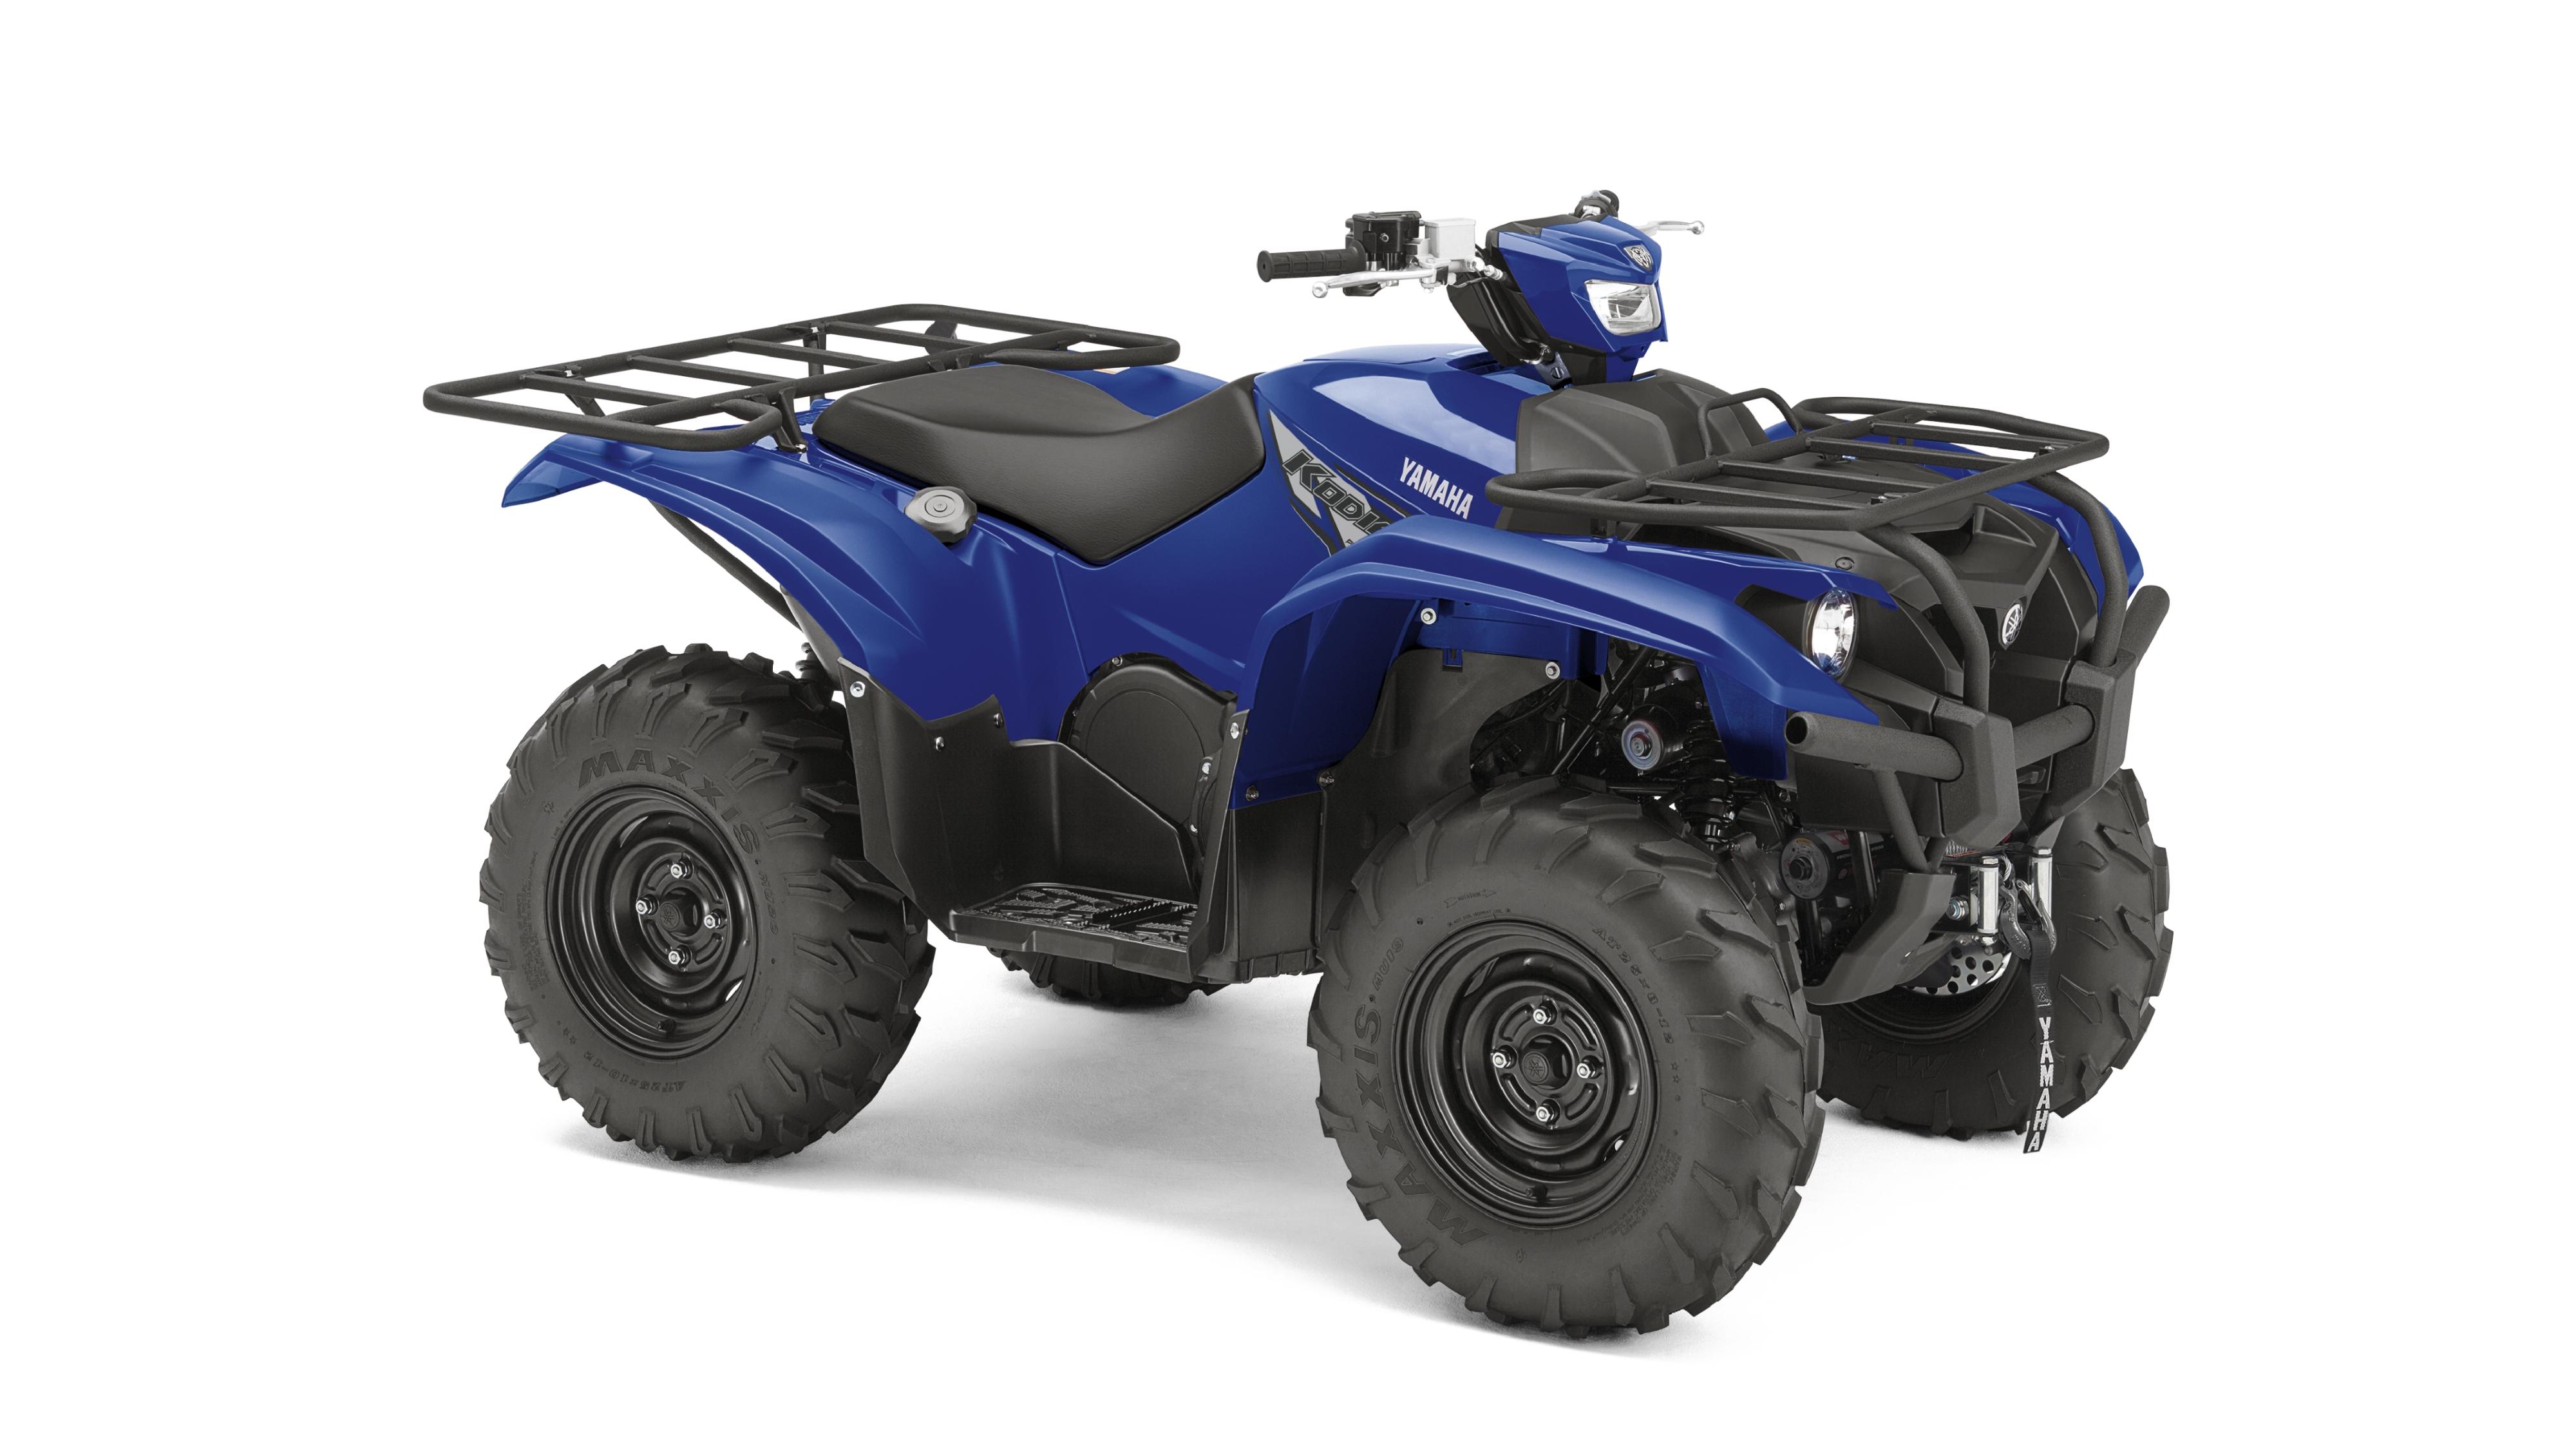 Yamaha Kodiak 700 EPS SE nu kopen